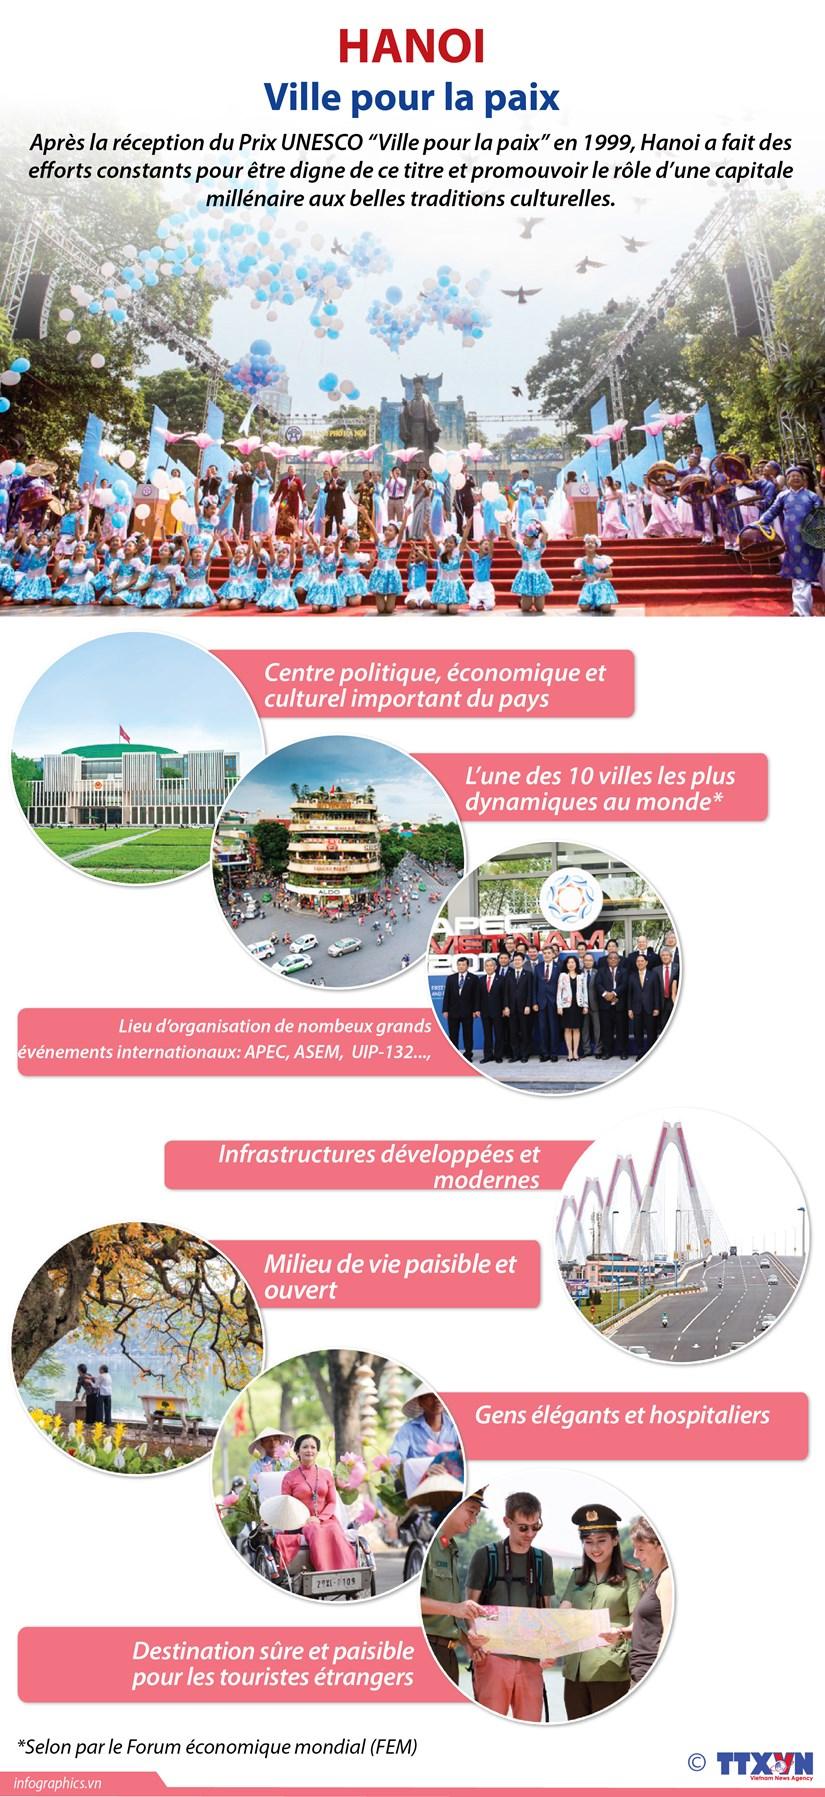 Hanoi: Ville pour la paix hinh anh 1